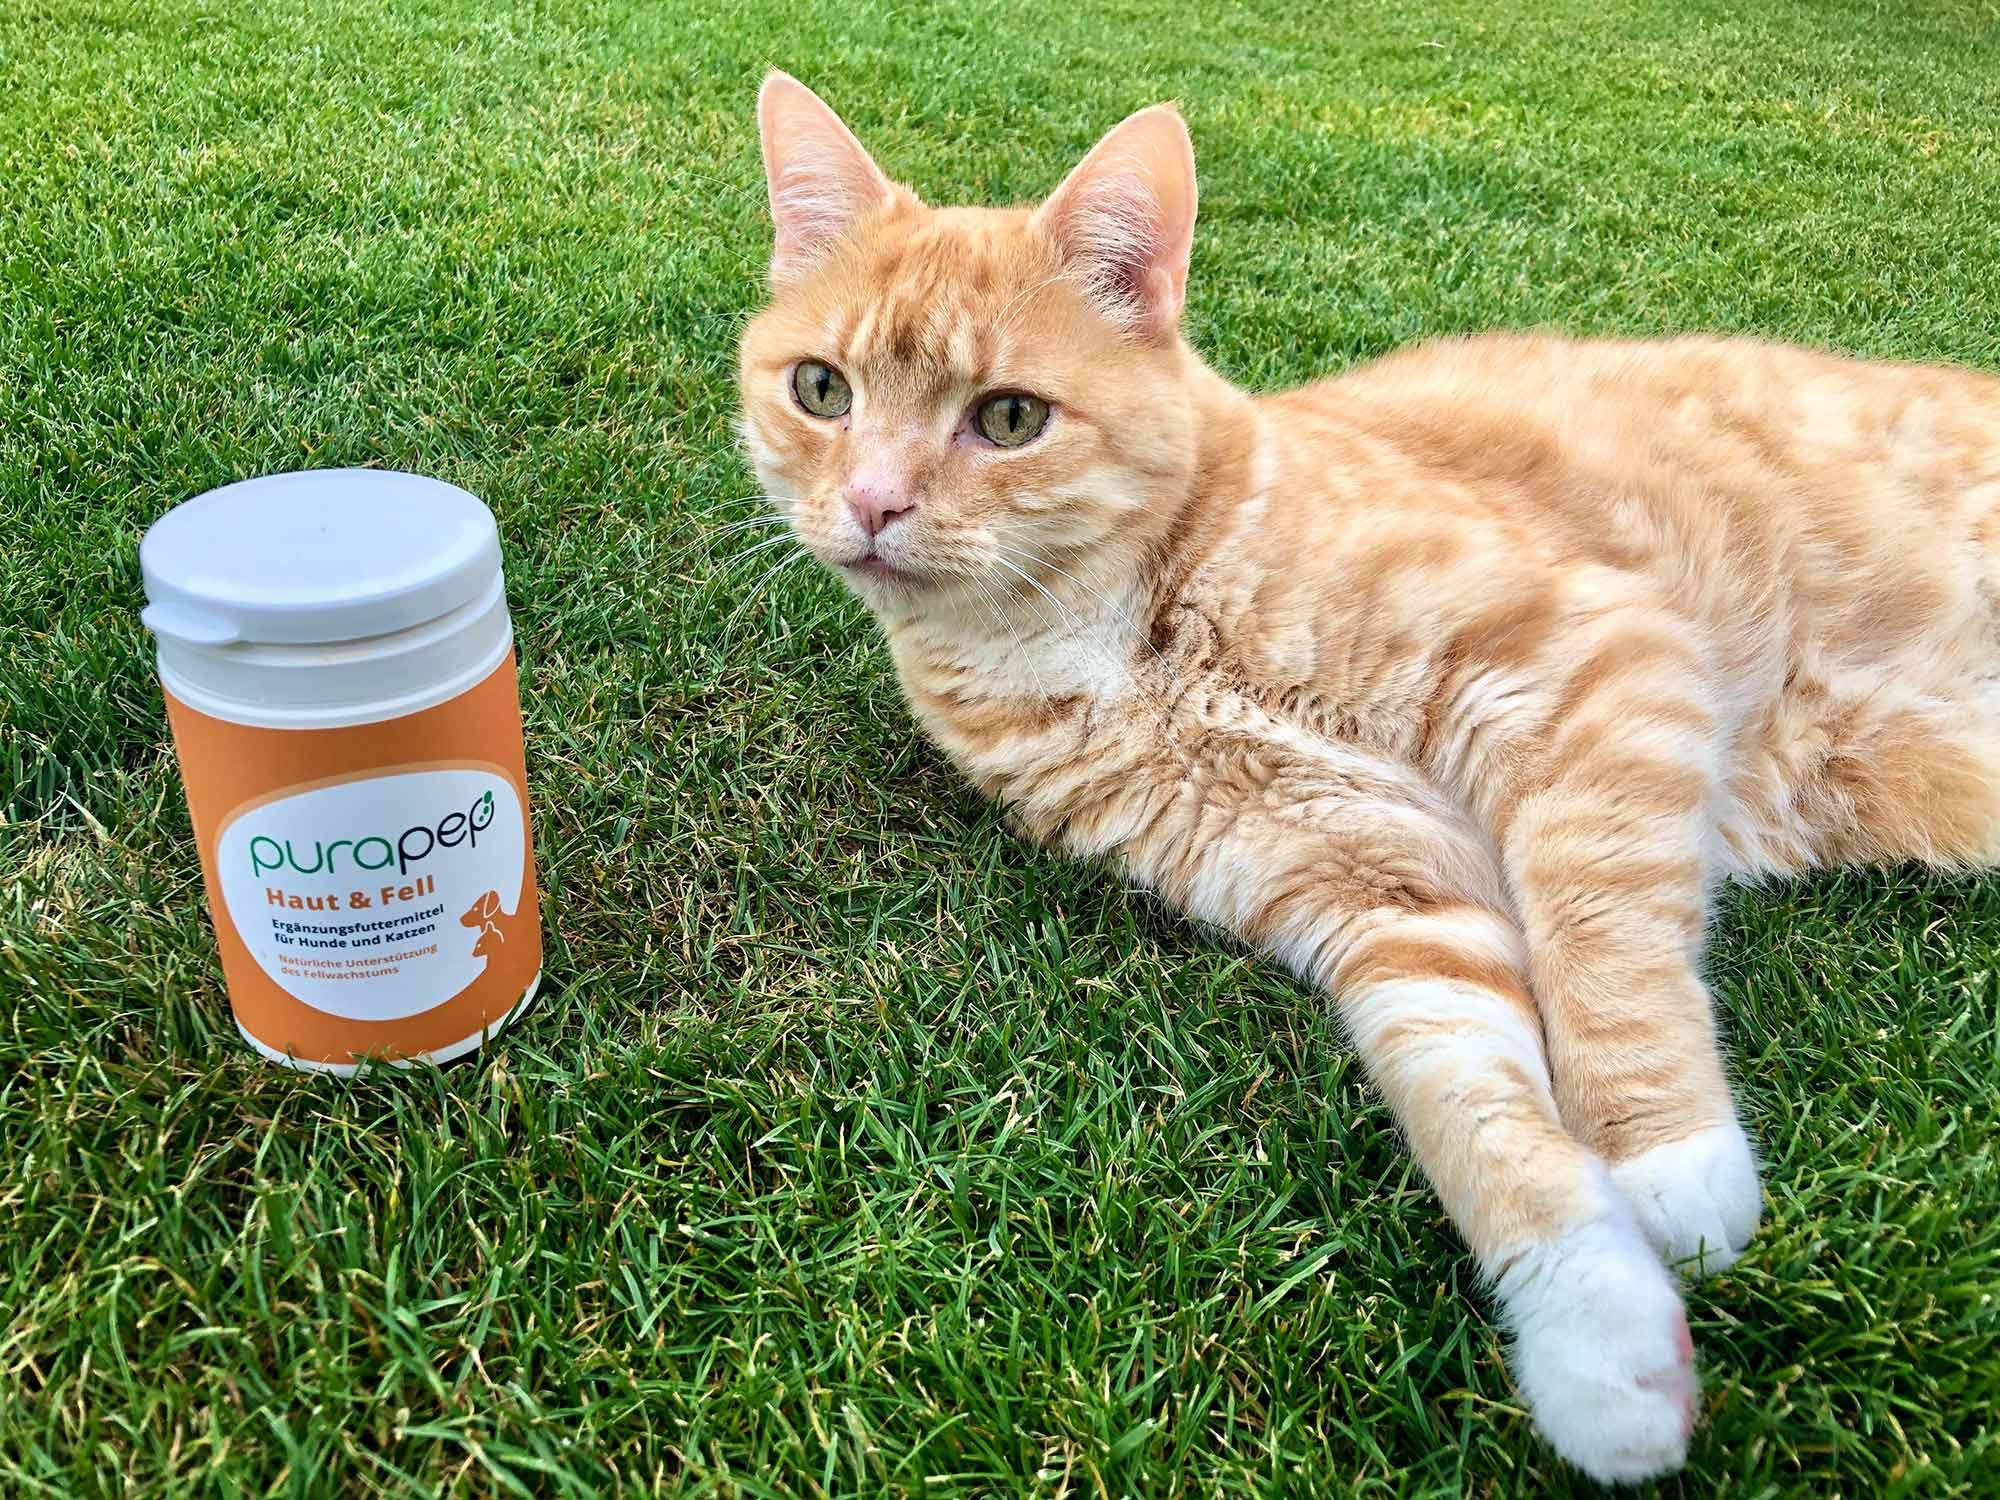 Purapep - Nahrungsergänzung für Katzen: Unsere Erfahrungen